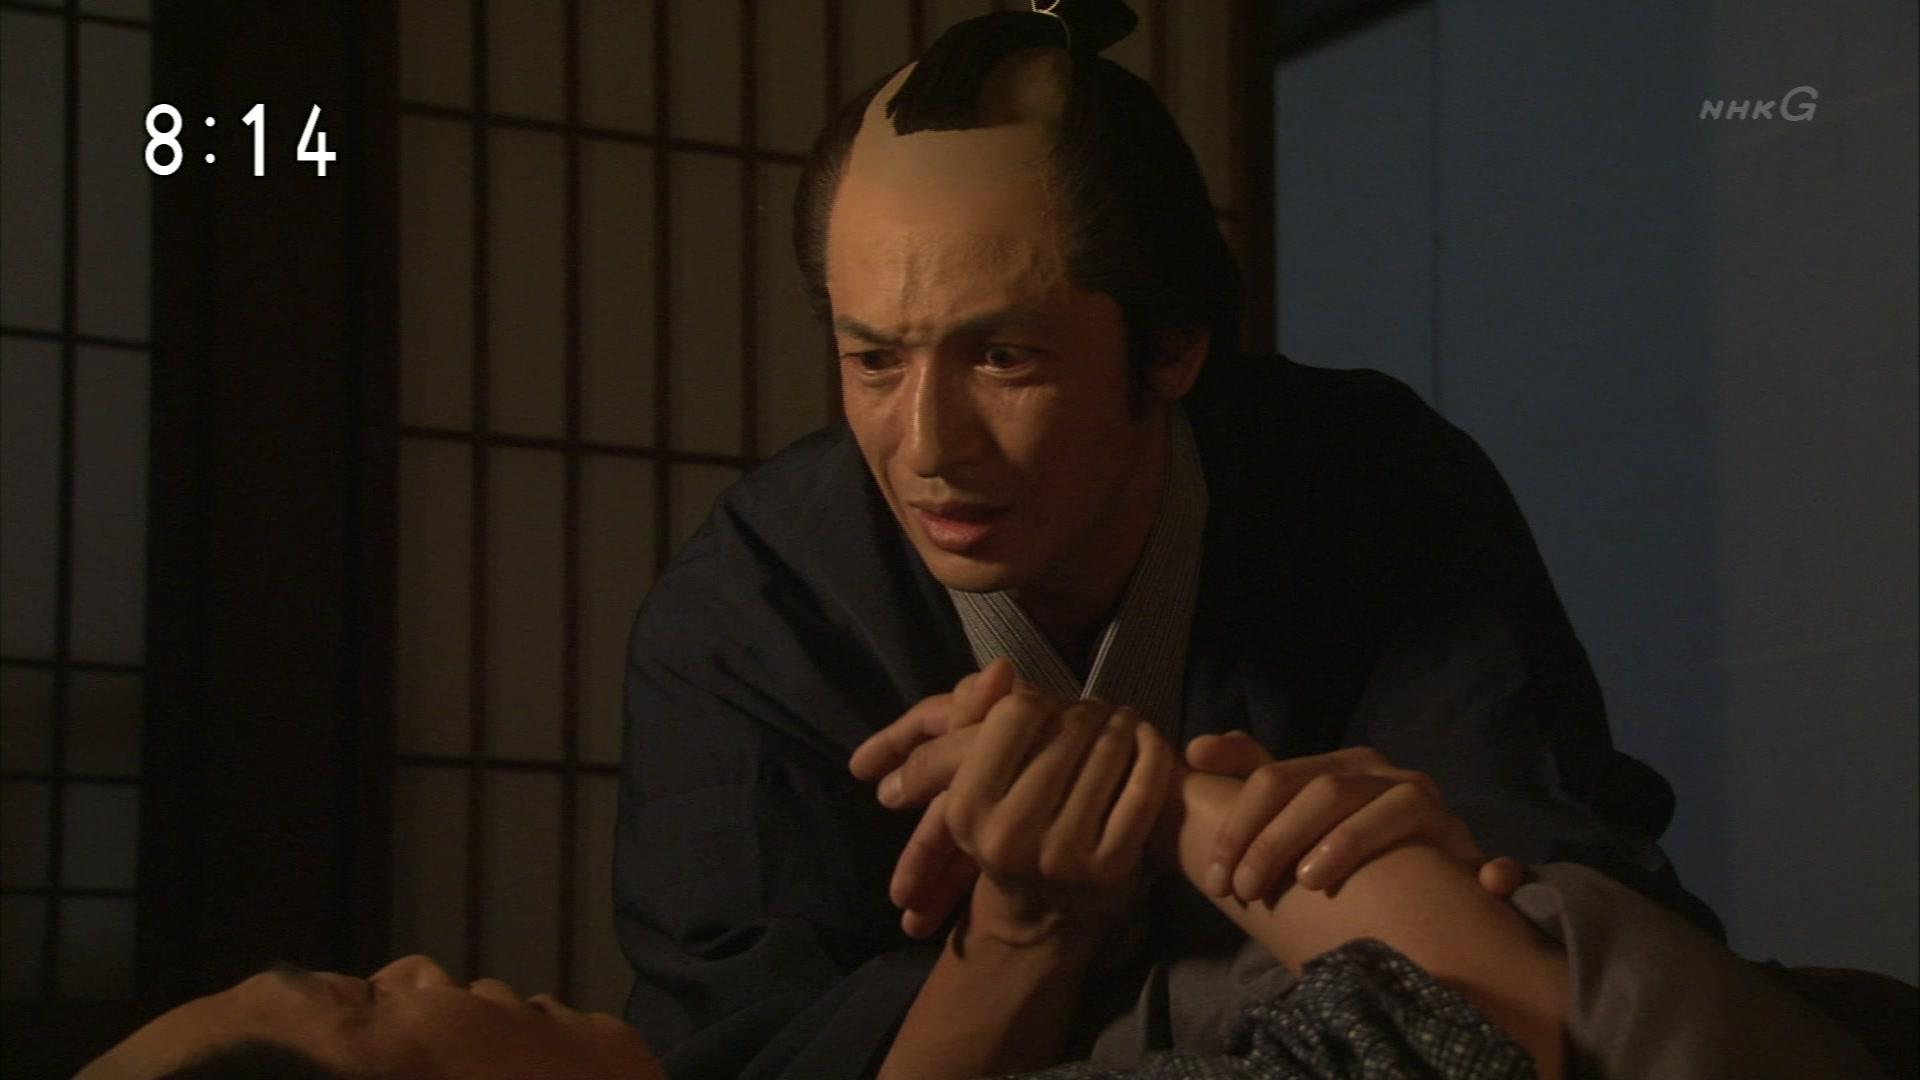 2015-10-08 08:00 連続テレビ小説 あさが来た(10)「ふたつの花びら」 2704